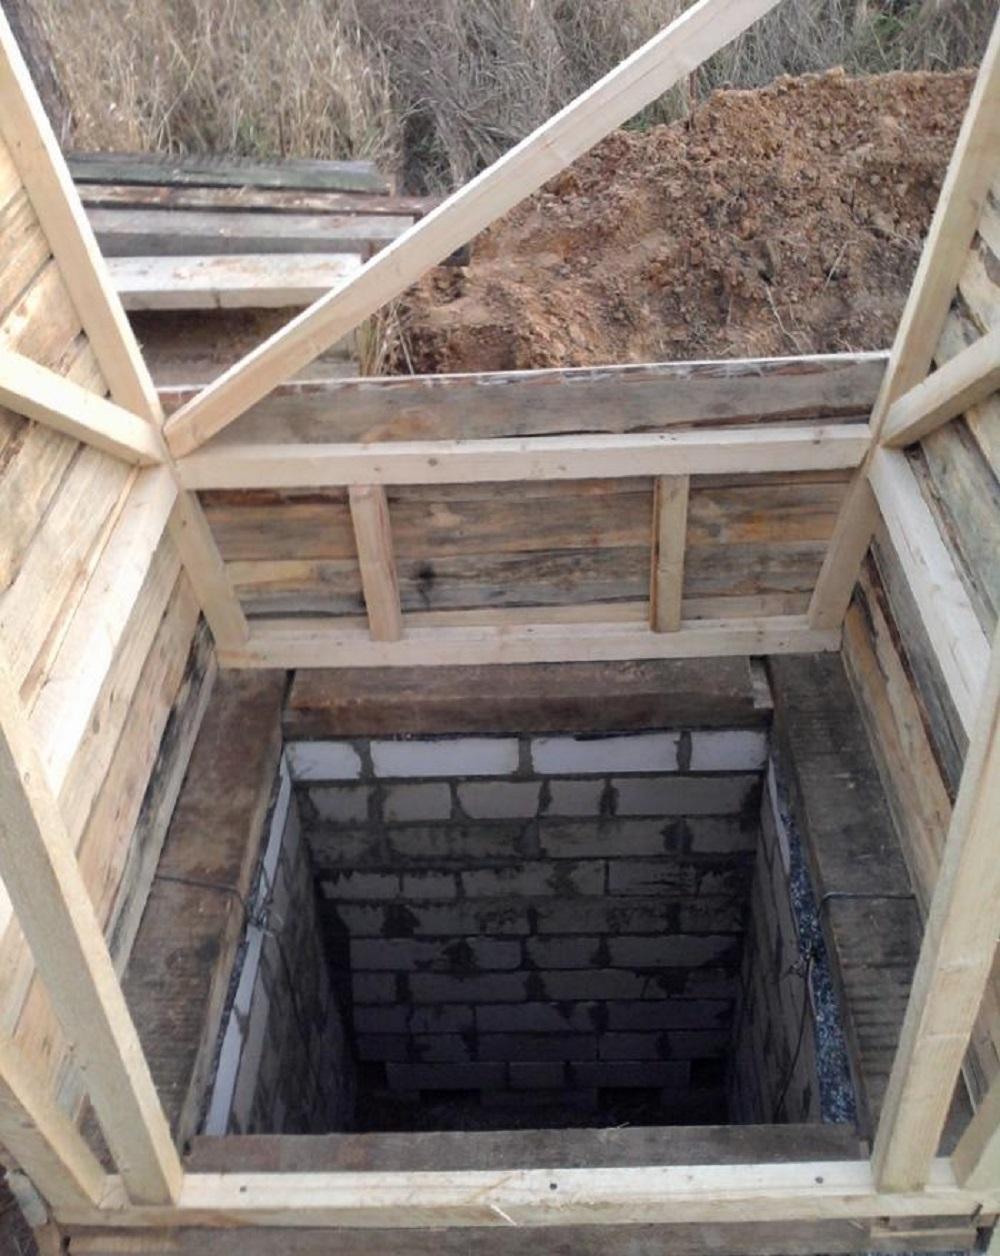 Туалет на даче своими руками: разбор технологии и всех нюансов самостоятельного строительства